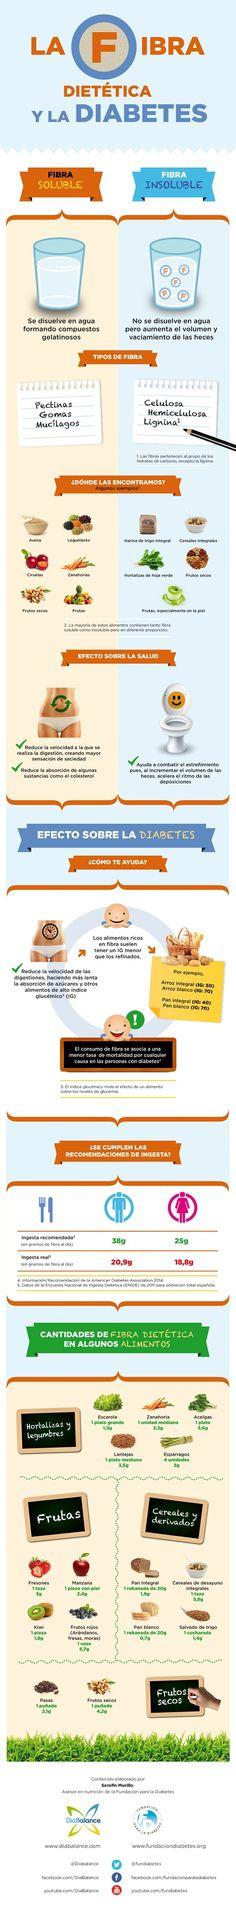 La fibra dietética y la #diabetes. #salud #nutrición